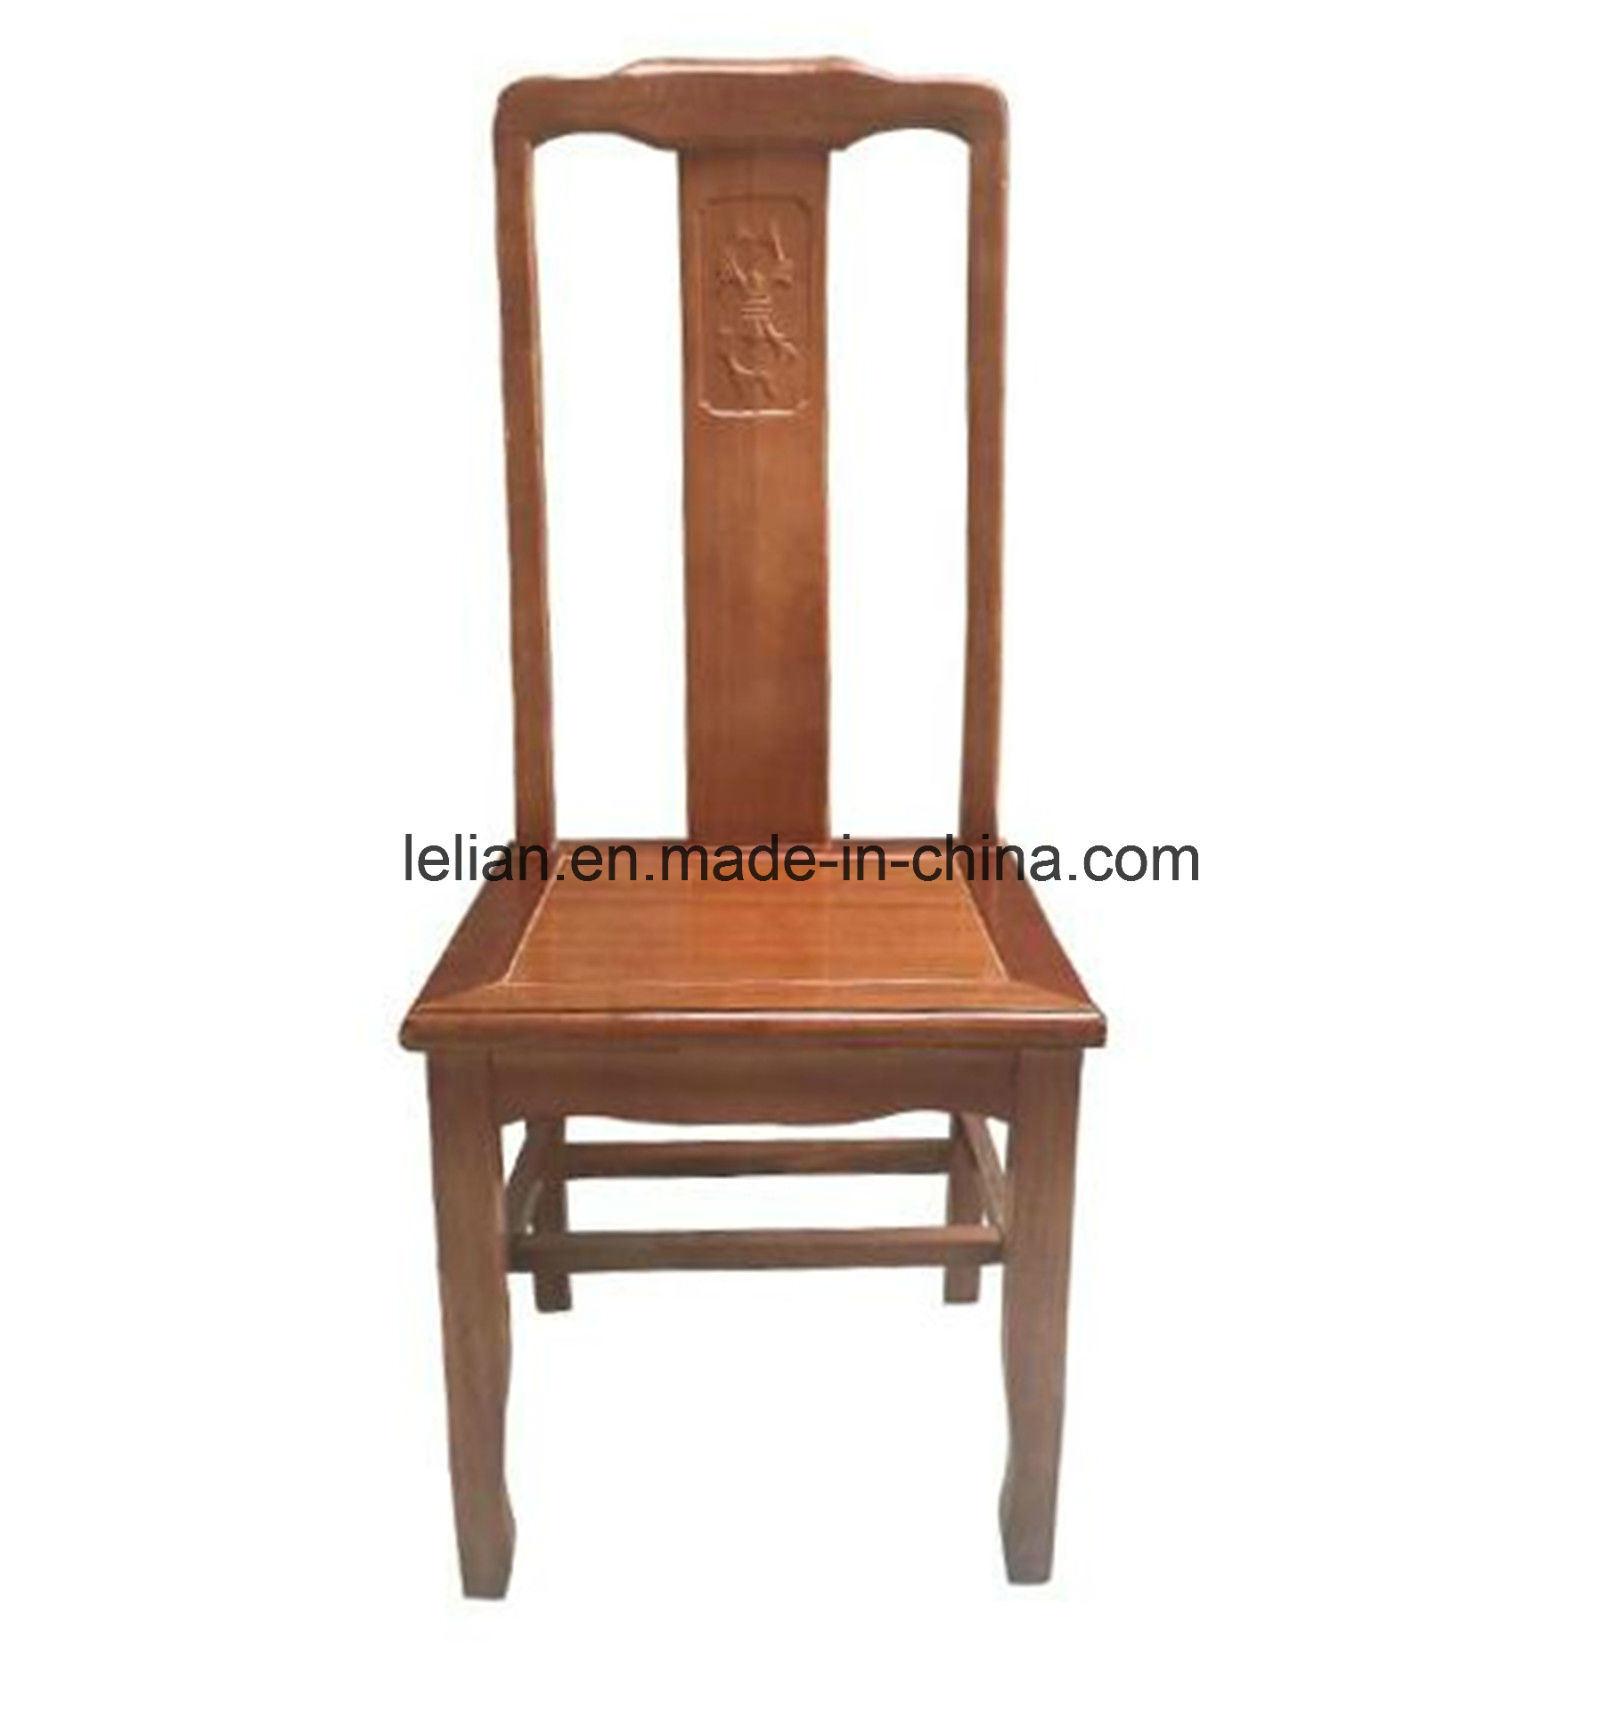 Chaises classiques de meubles antiques en bois de salle à manger ...